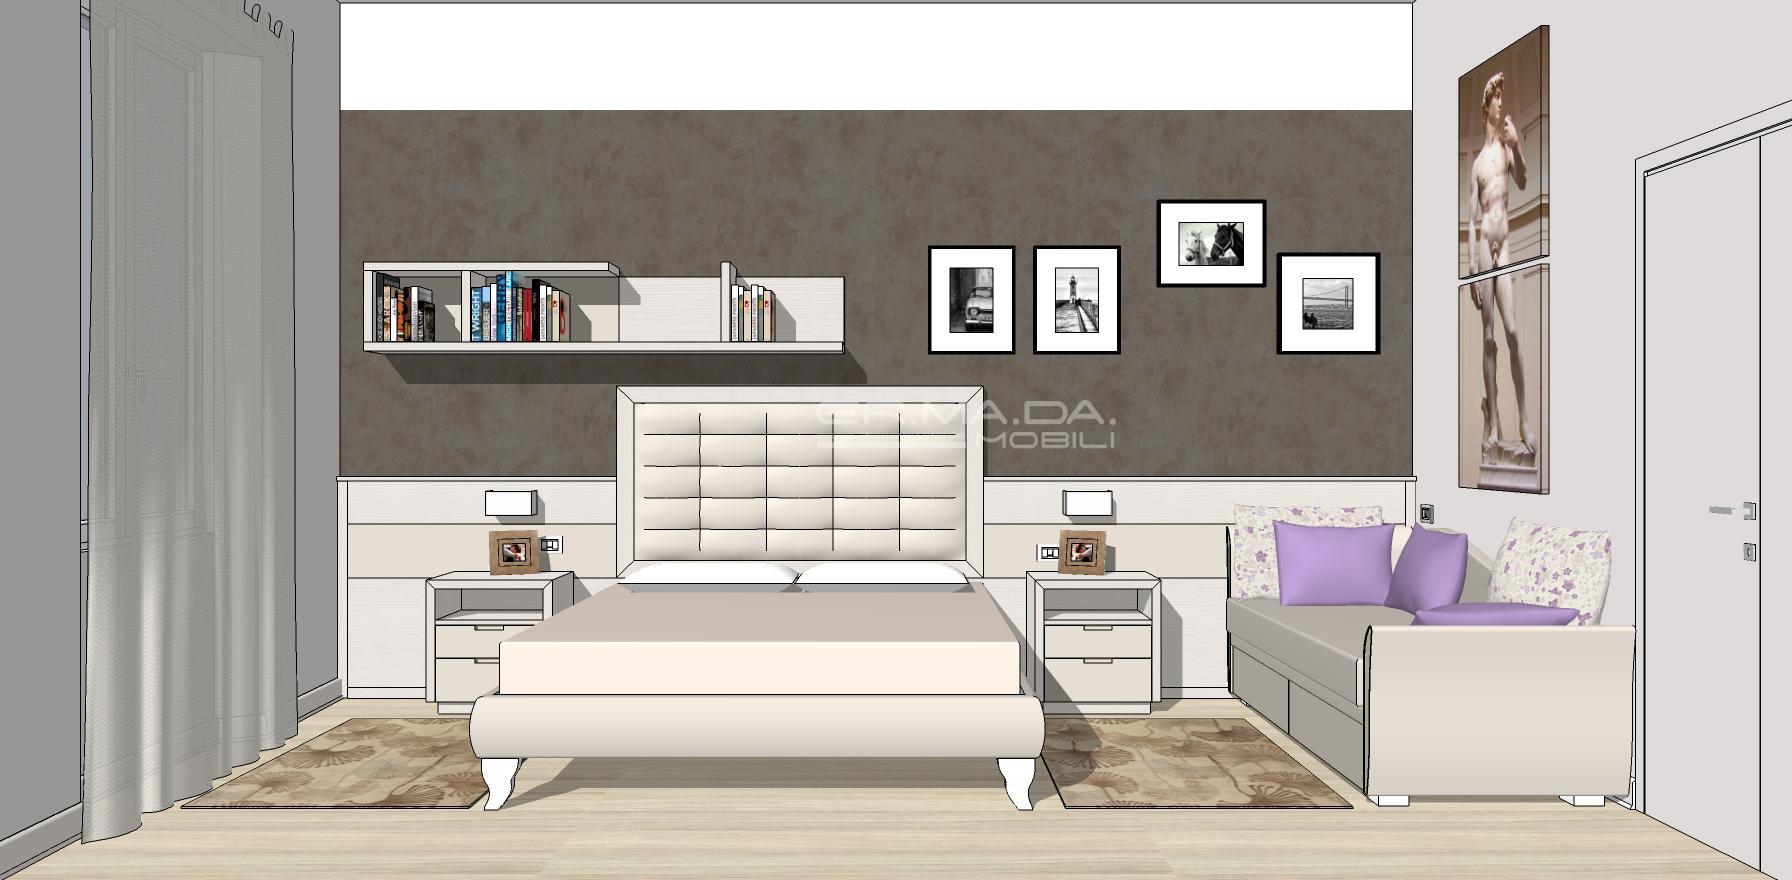 Camera matrimoniale 8 er ma da mobilificio progetta for Progetta i tuoi mobili online